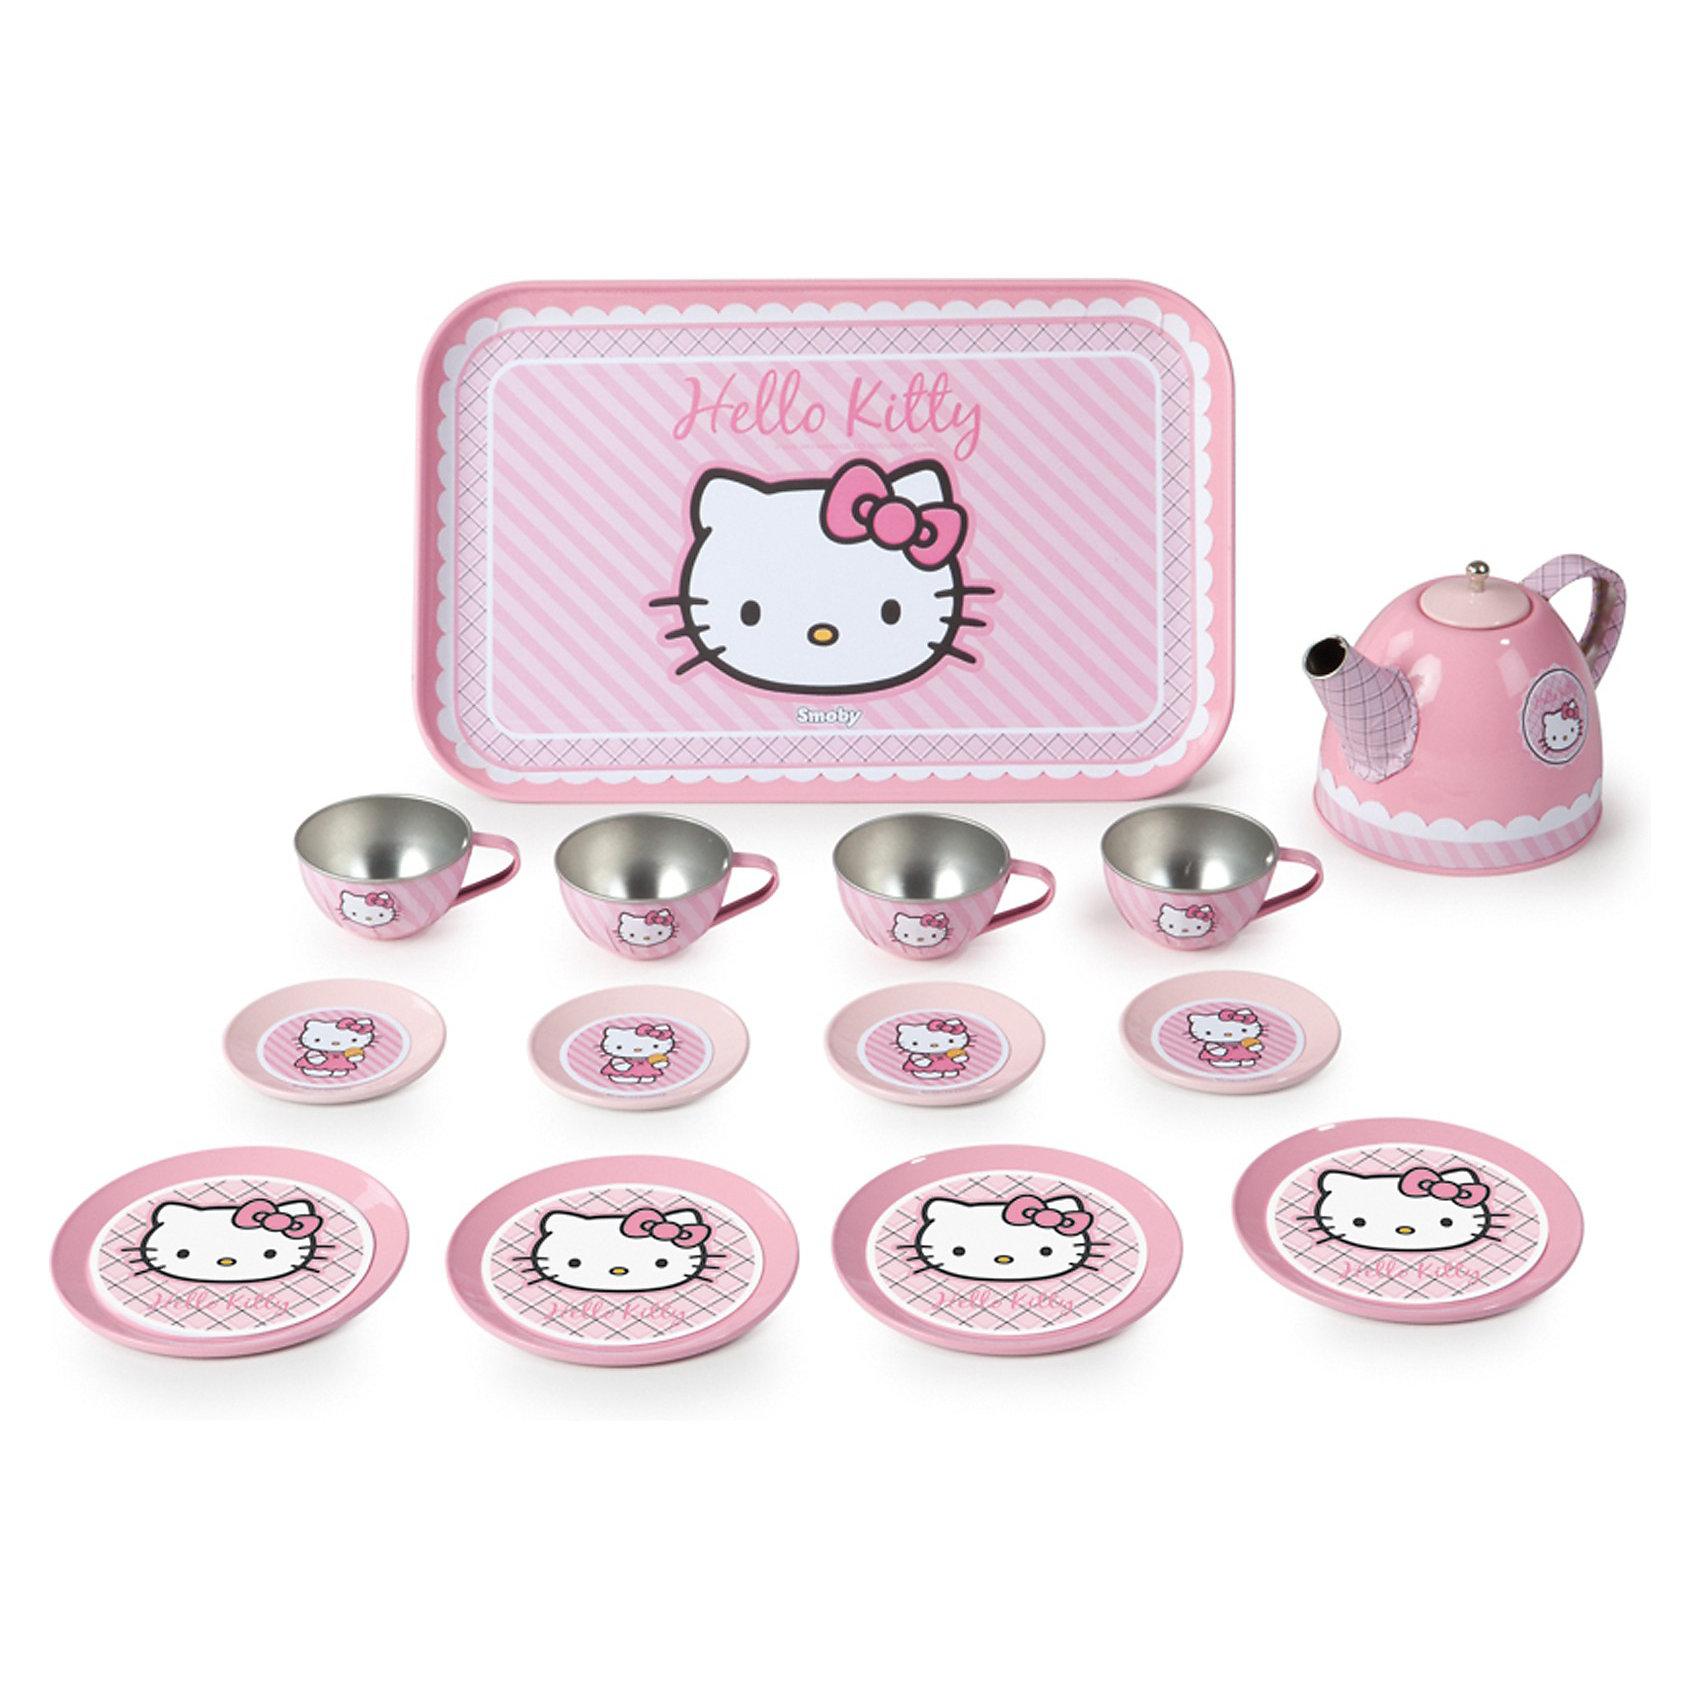 Набор посудки 14 предметов, металлический, Smoby, Hello KittyПосуда и аксессуары для детской кухни<br>Характеристики:<br><br>• количество предметов: 14 шт.;<br>• аксессуары: 4 тарелки, 9 см, 4 блюдца, 4 см, 4 чашки, 5 см, поднос 24х16 см, чайник;<br>• материал: металл;<br>• размер упаковки: 30,5х20х9 см;<br>• вес: 500 г.<br><br>Металлическая посудка Smoby оформлена в стиле кошечки Hello Kitty. Полный комплект посуды для праздничного чаепития на 4 персоны. Девочка угостит чаем кукол и зверушек. <br><br>Набор посудки 14 предметов, металлический, Smoby, Hello Kitty можно купить в нашем магазине.<br><br>Ширина мм: 311<br>Глубина мм: 200<br>Высота мм: 97<br>Вес г: 489<br>Возраст от месяцев: 36<br>Возраст до месяцев: 96<br>Пол: Женский<br>Возраст: Детский<br>SKU: 3231514